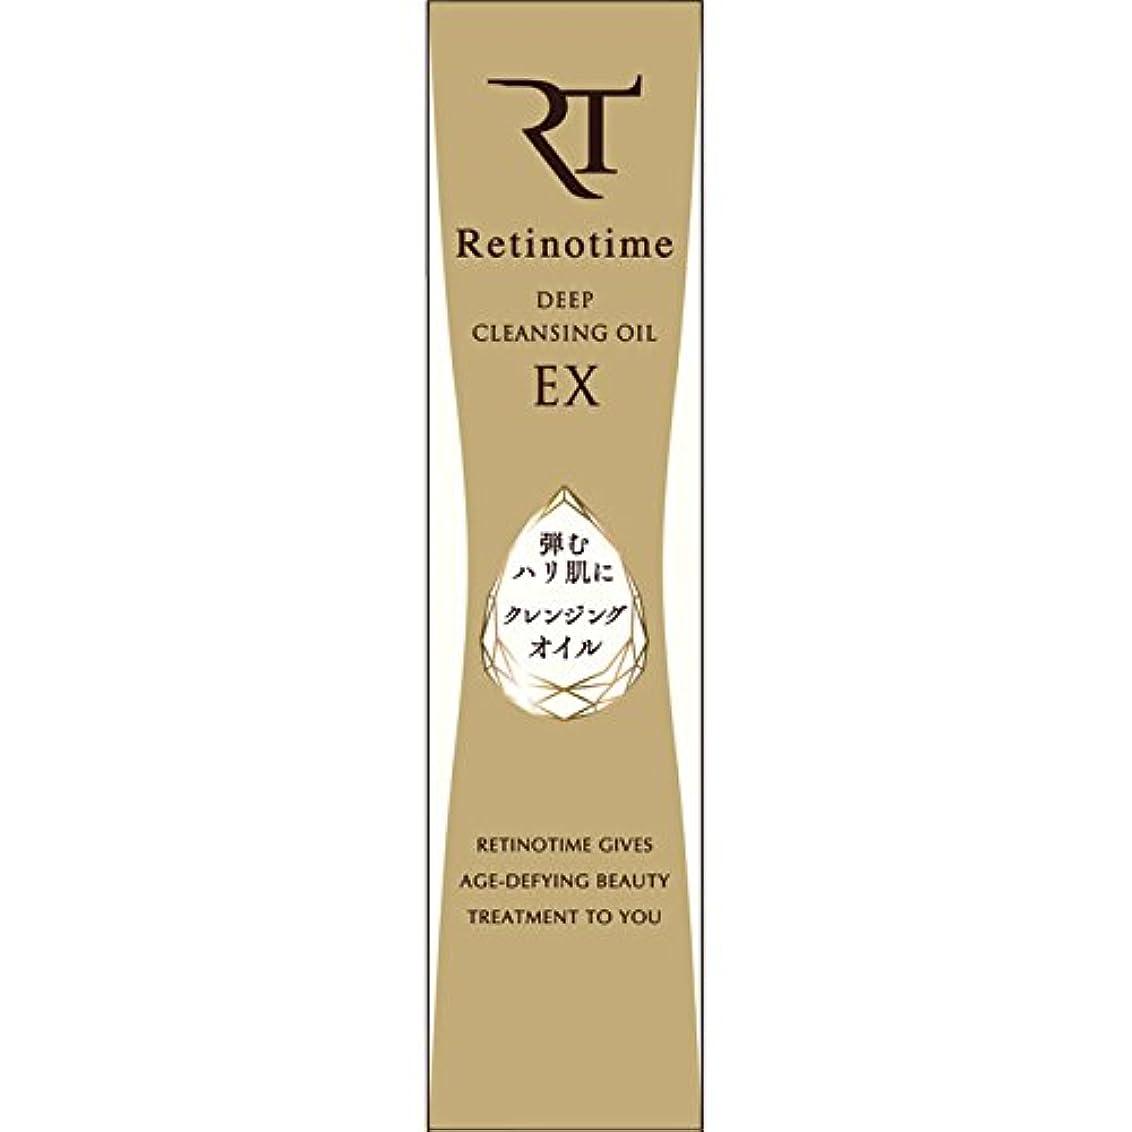 スペイン語ラッチモーテルナリス化粧品 レチノタイム ディープクレンジングオイル EX 150ml